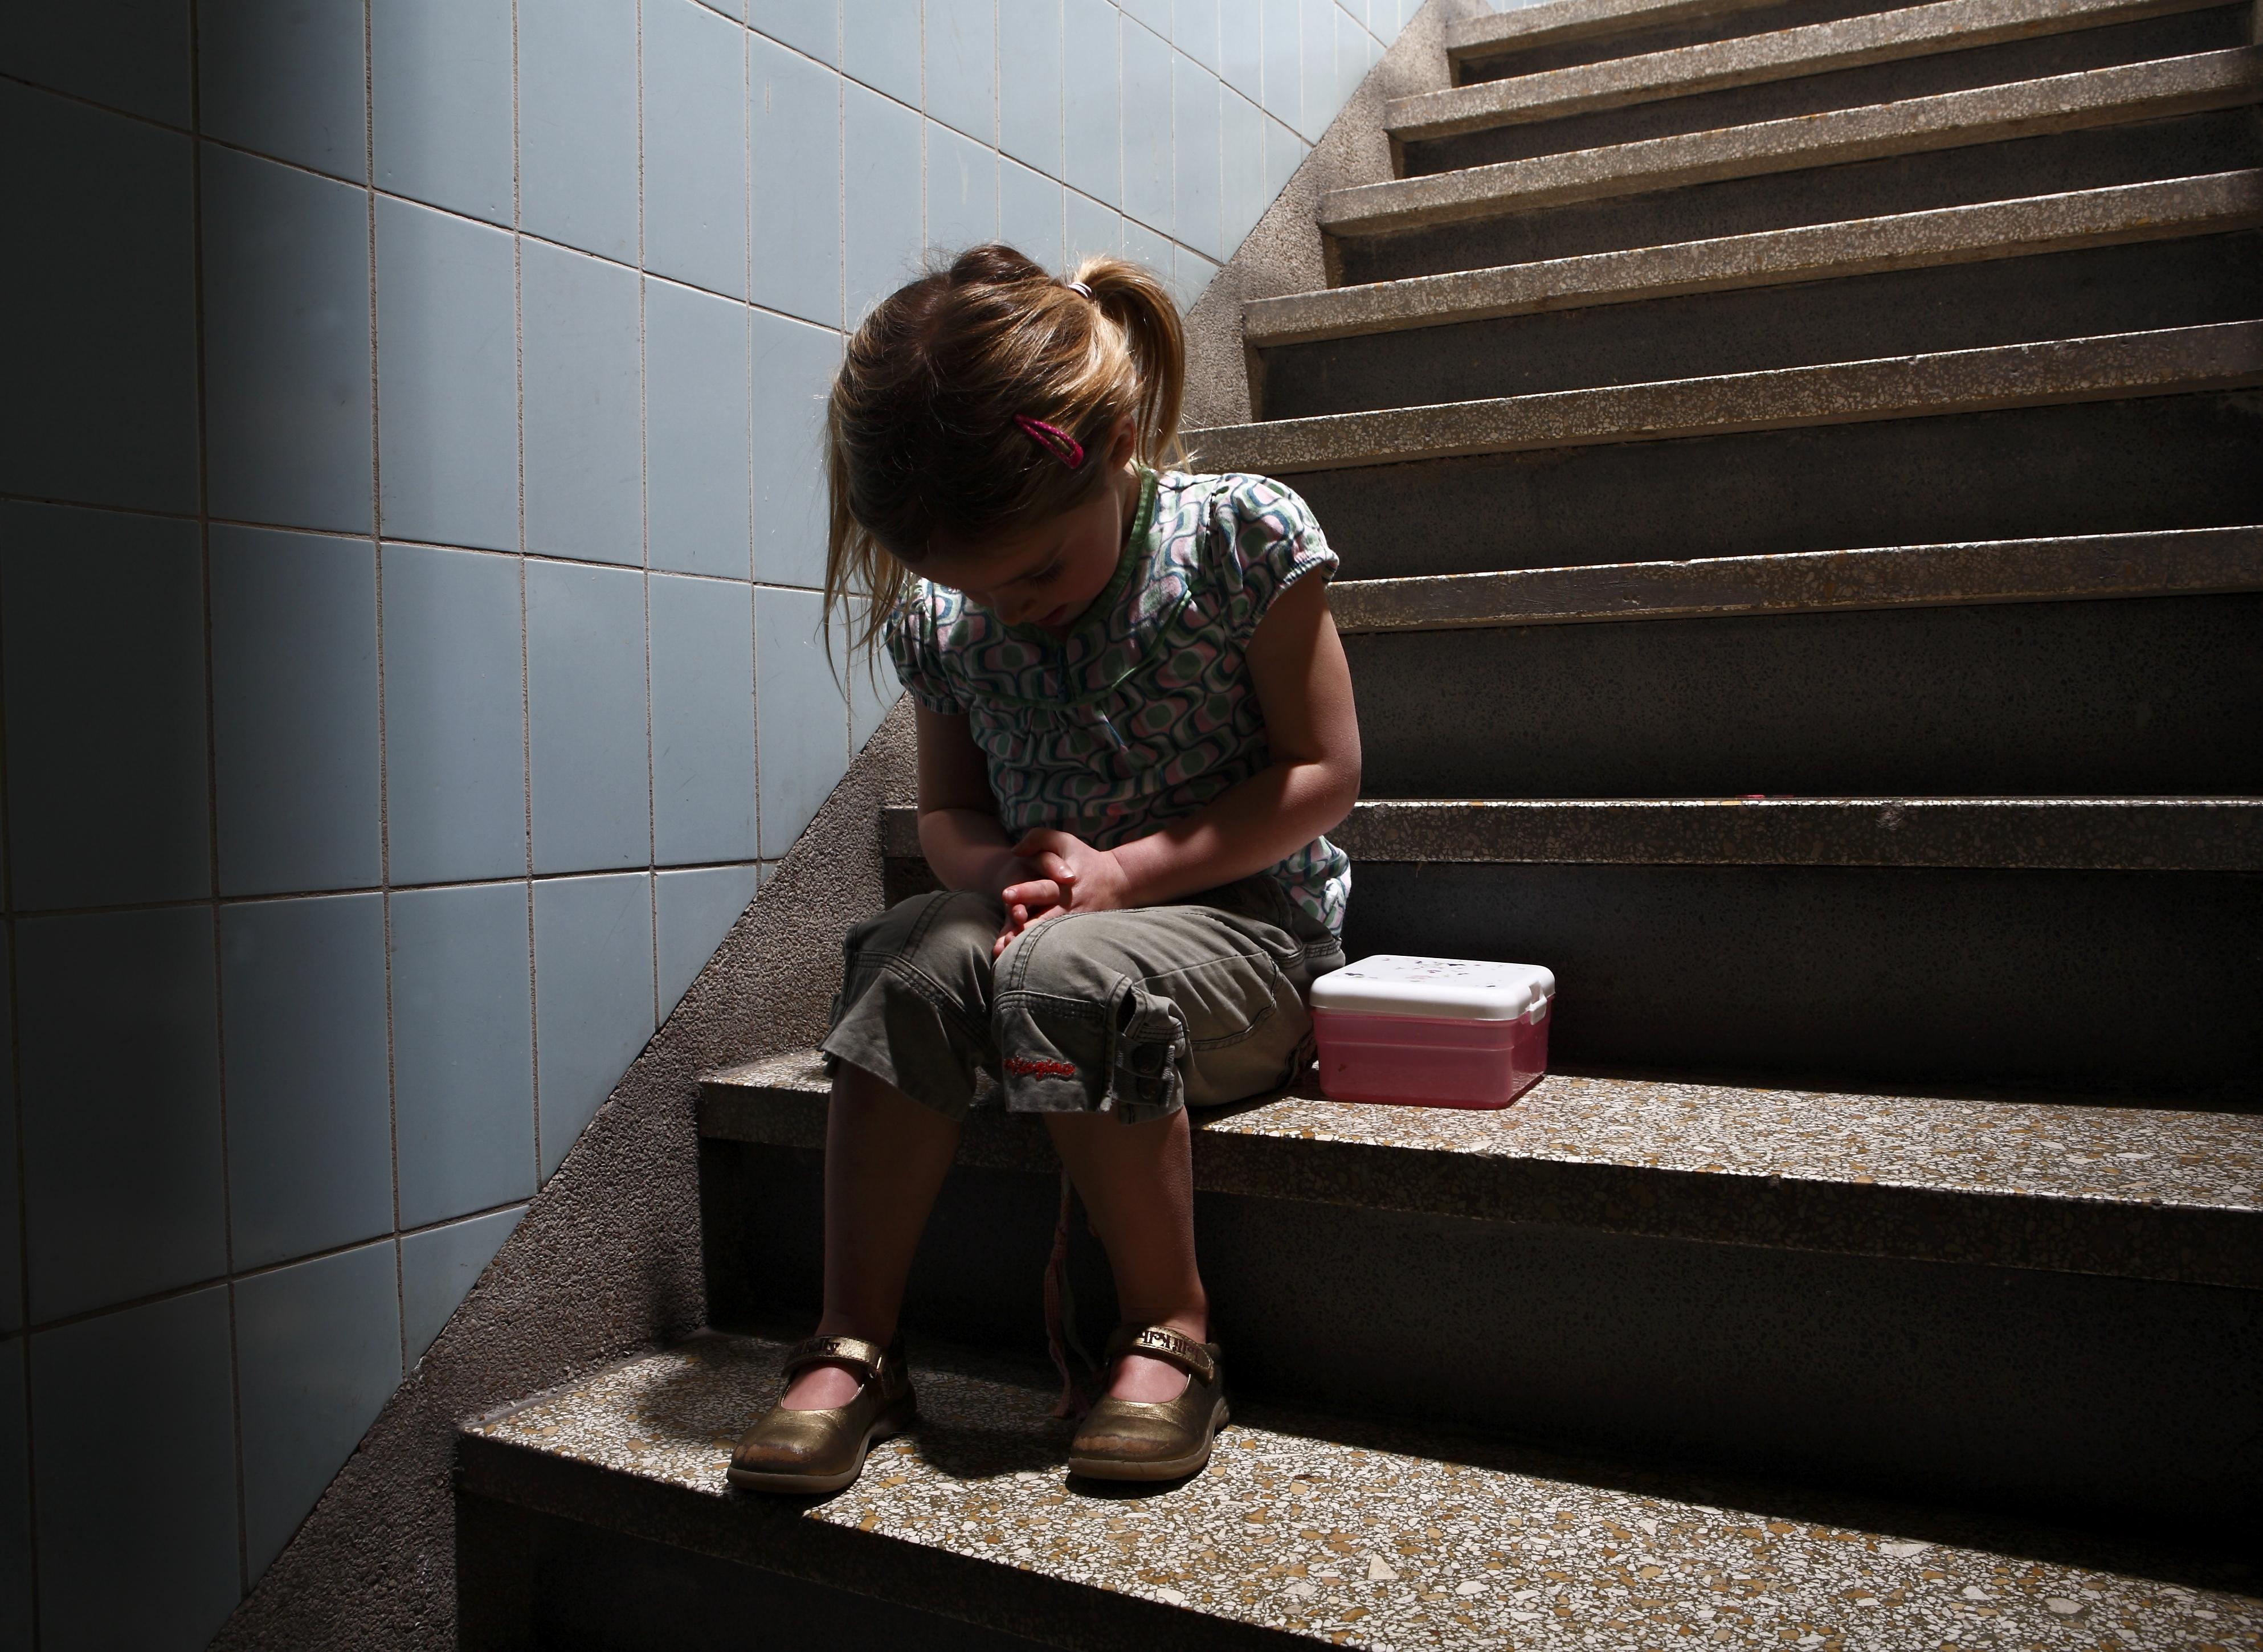 Közösen kérik gyerekvédő szervezetek, hogy a kormány lépjen fel a kiskorúak szexuális kizsákmányolása ellen